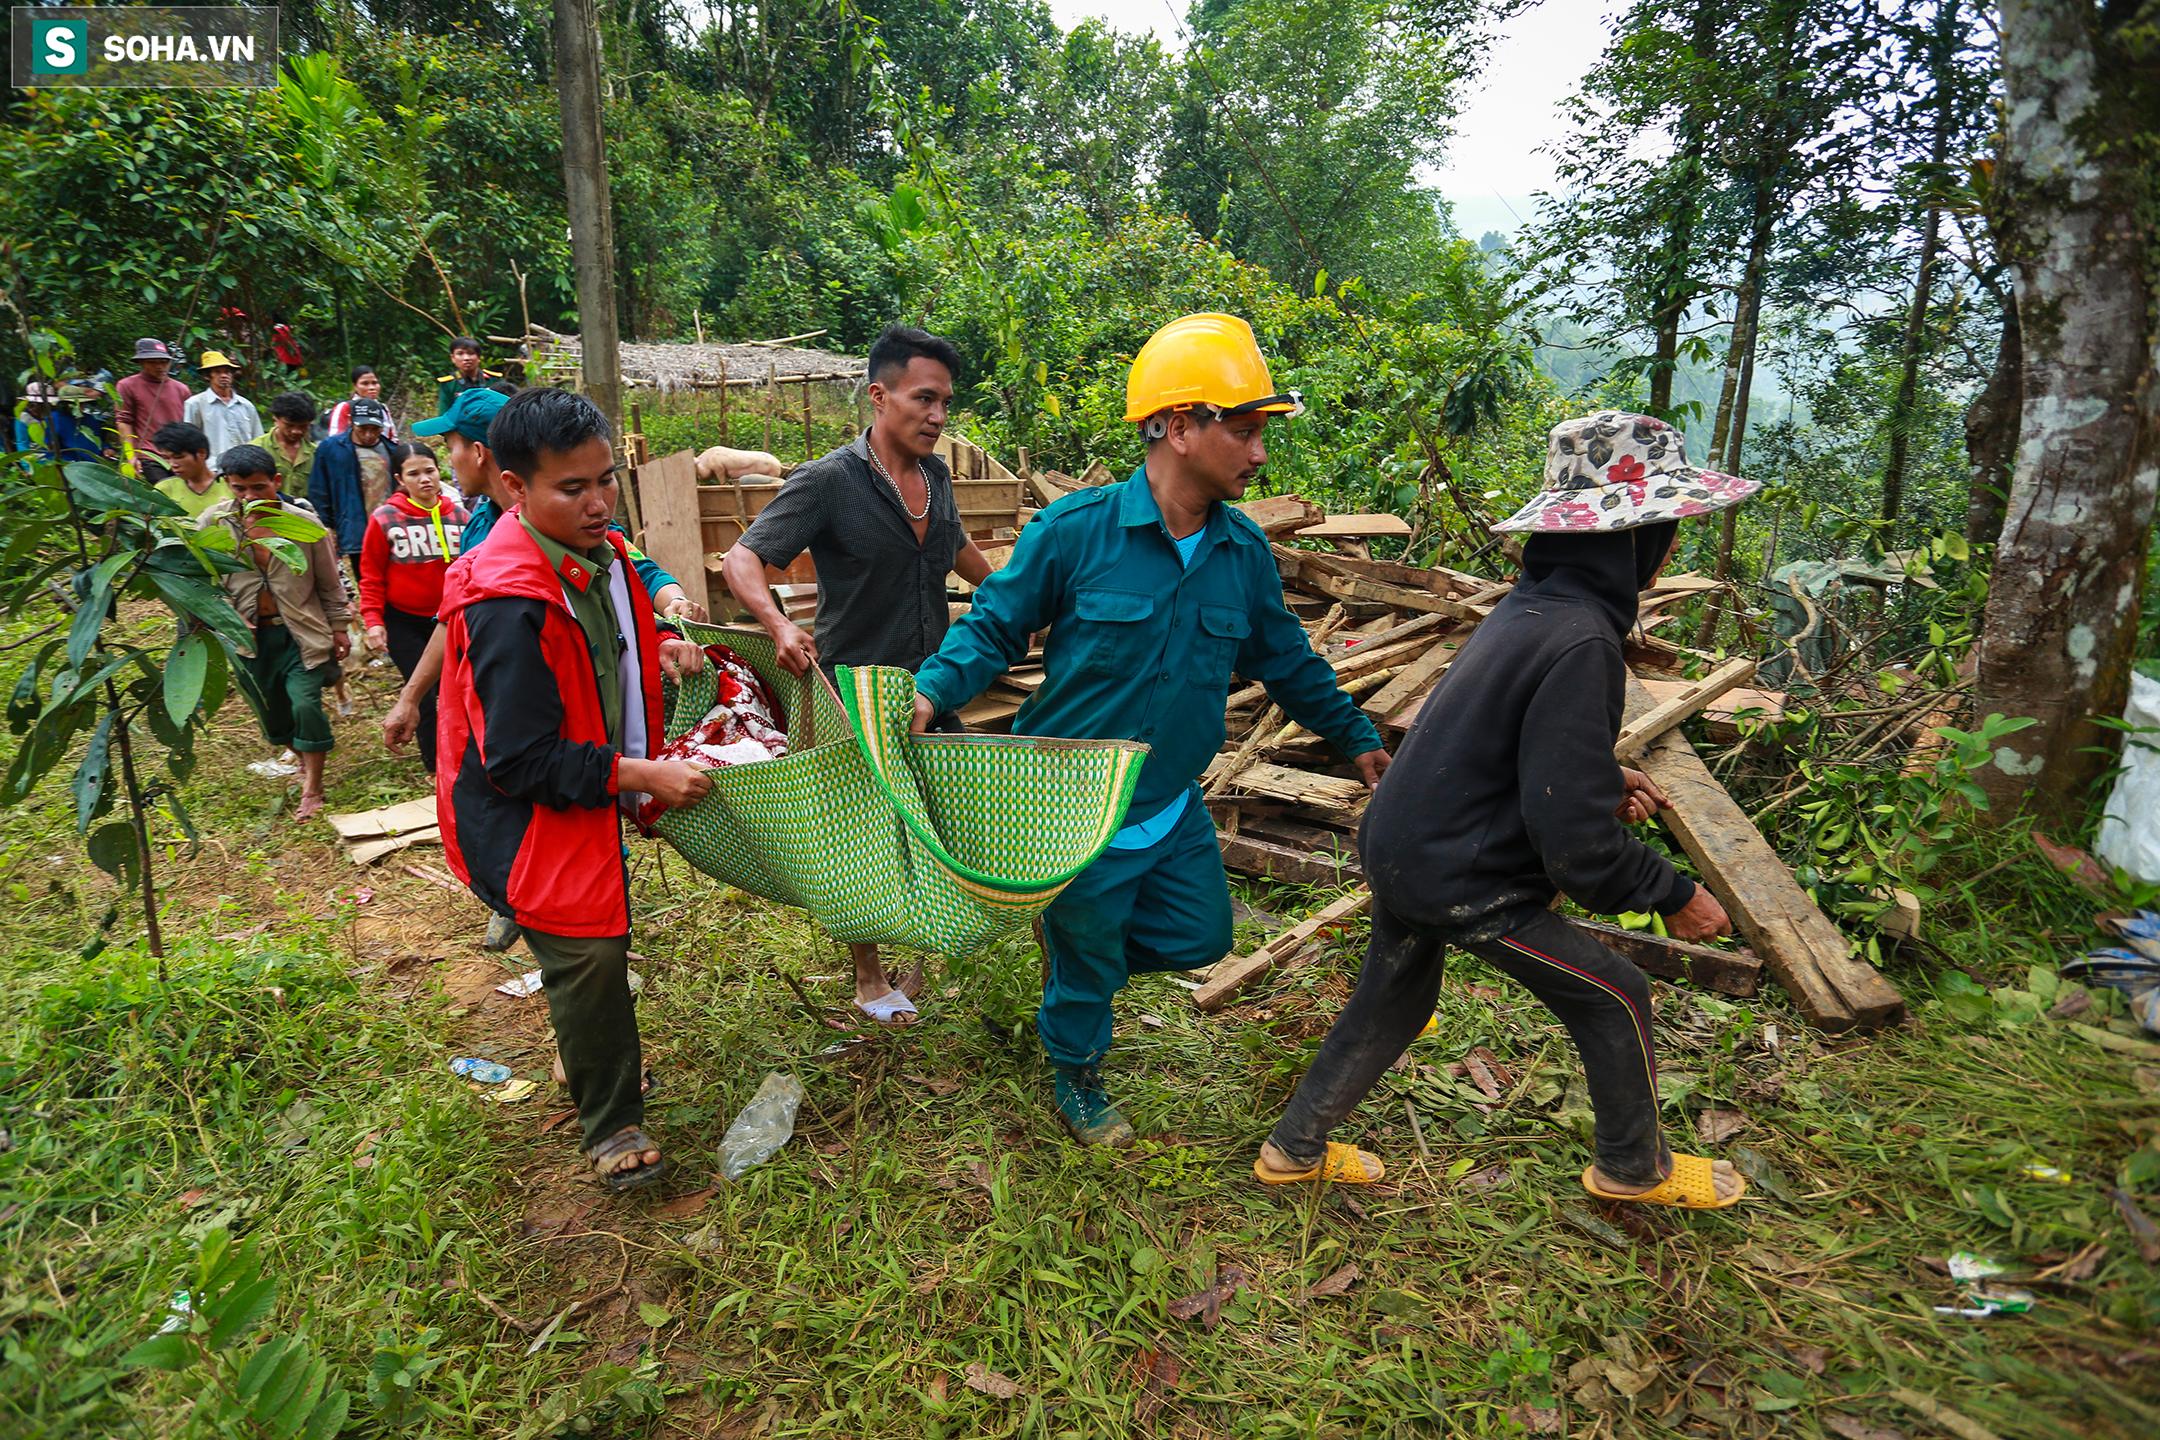 [Ảnh] Dân làng khóc nghẹn khi tìm thấy bé trai 10 tháng tuổi dưới lớp bùn đất vụ sạt lở ở Trà Leng - Ảnh 8.